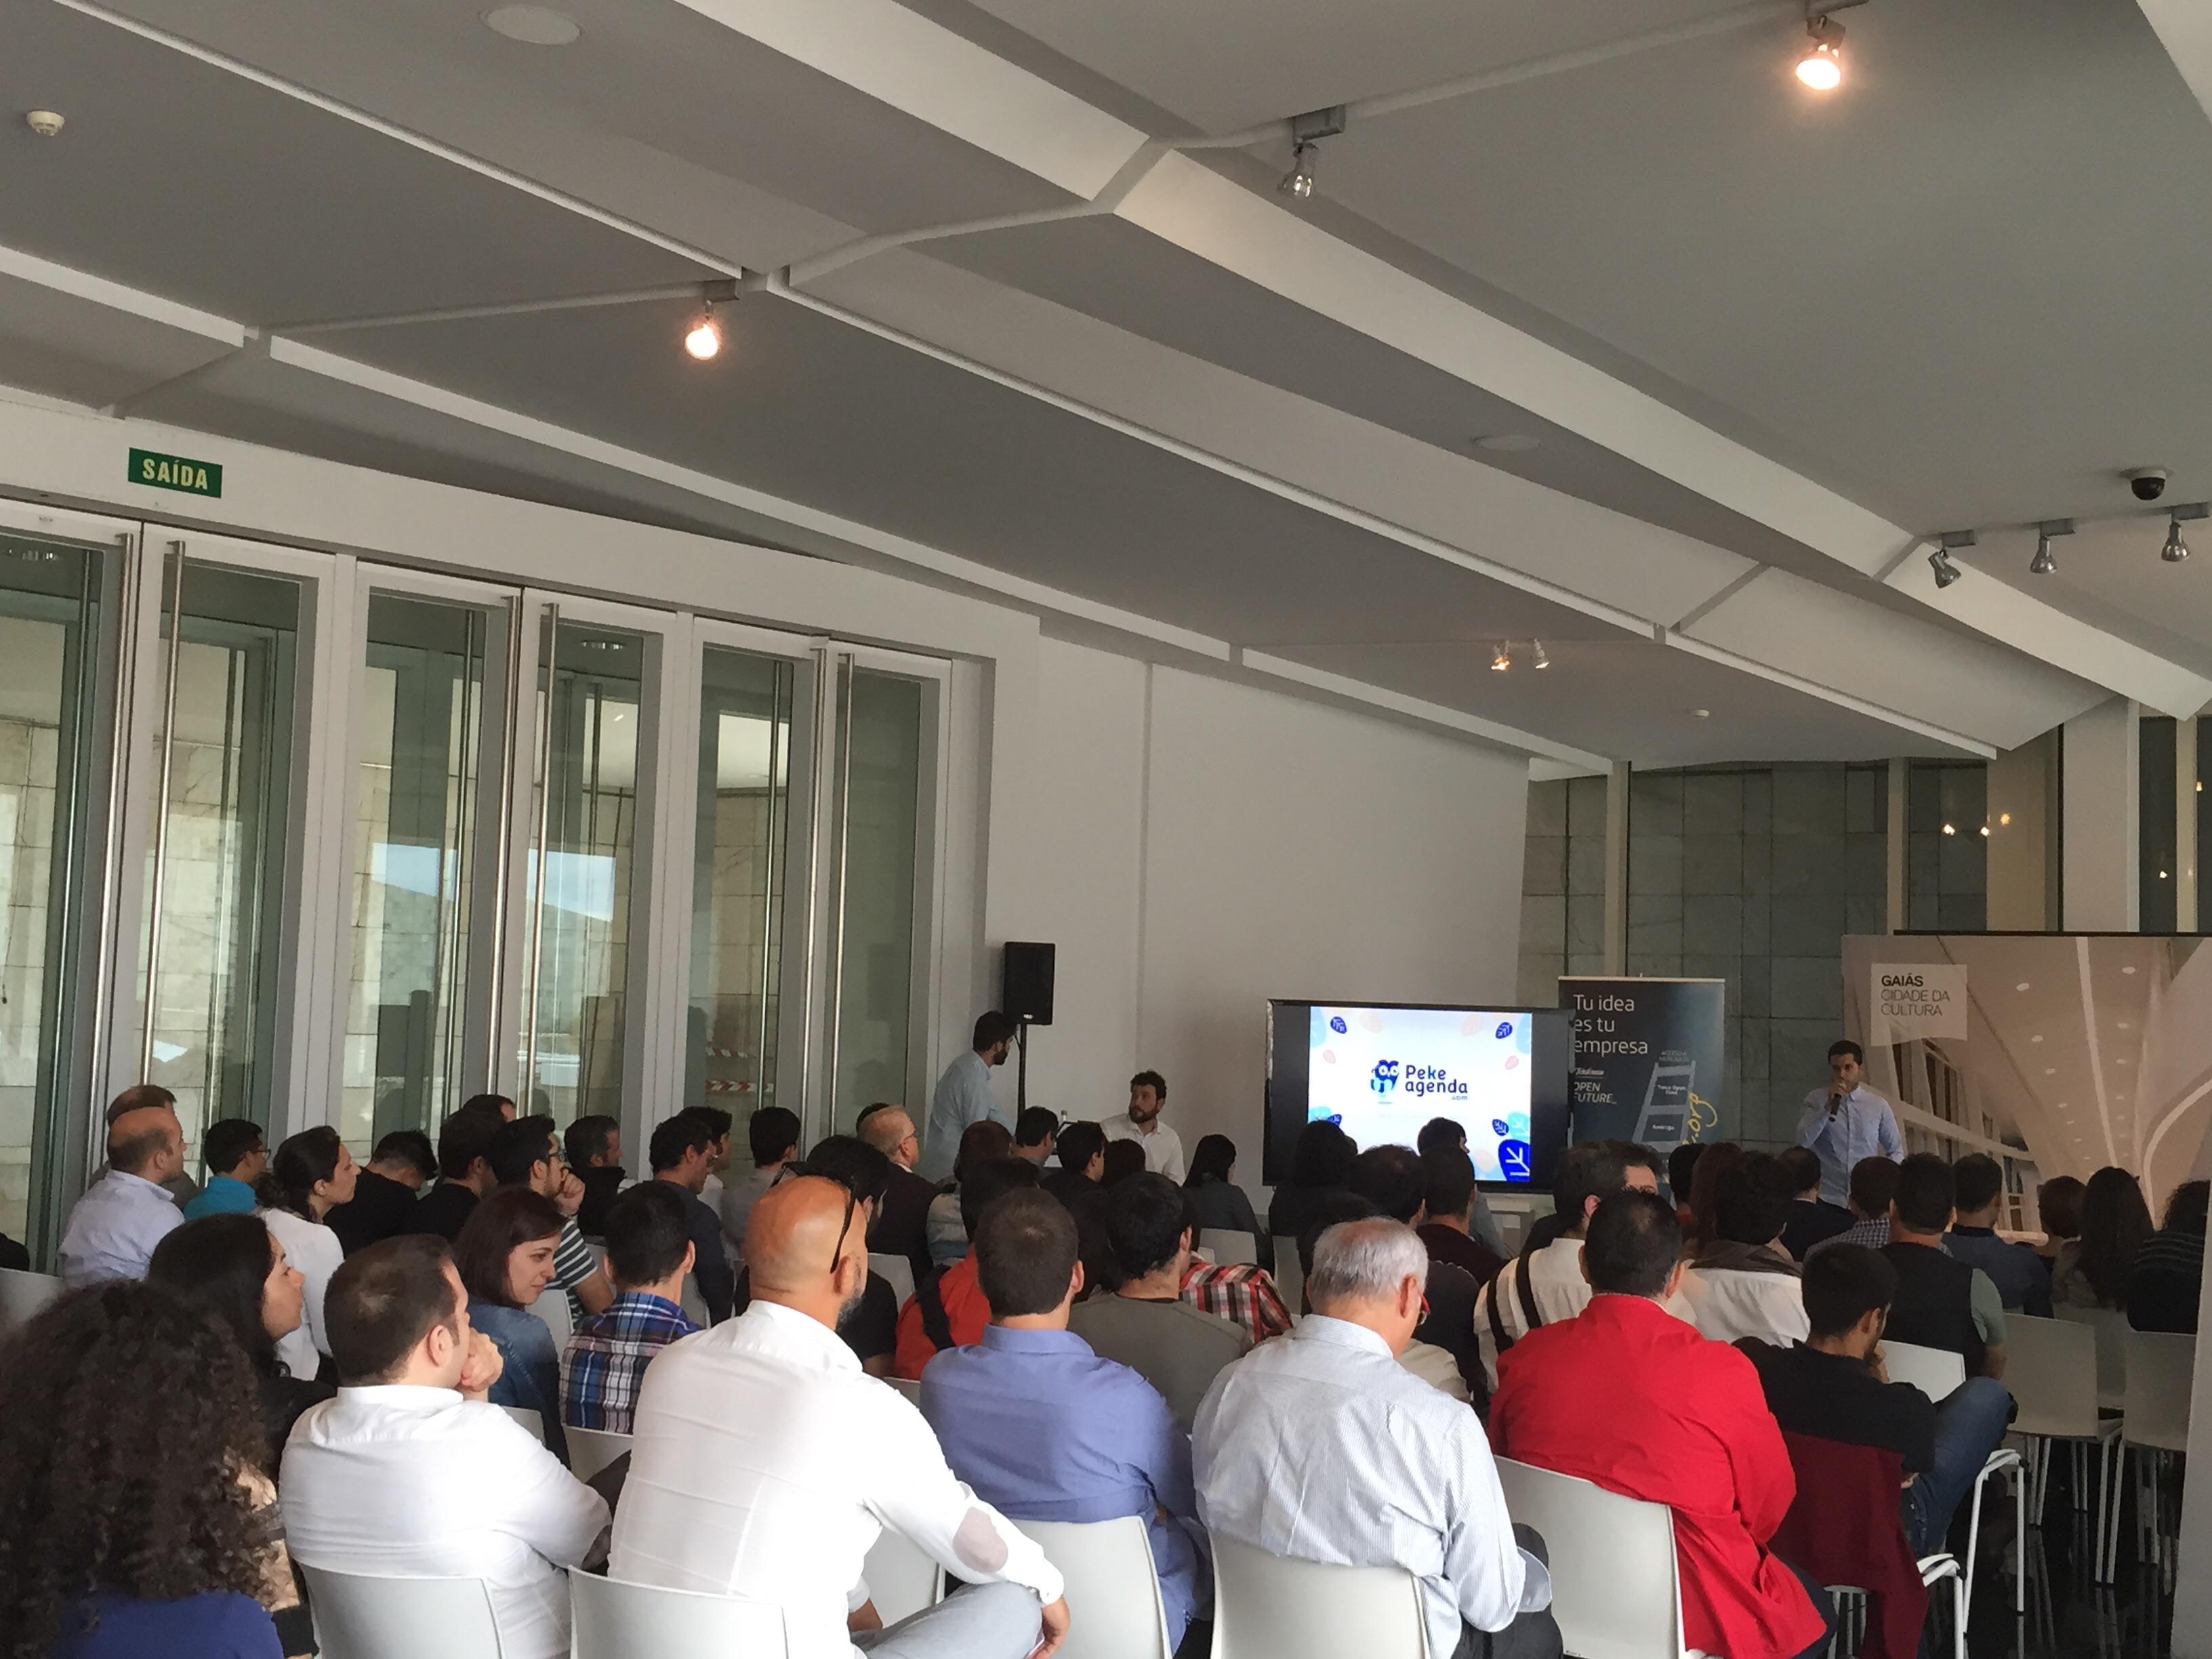 Representantes de los 50 proyectos seleccionados en el encuentro de bienvenida al programa Galicia Open Future en la Sala Eisenman de la Cidade da Cultura de Galicia.